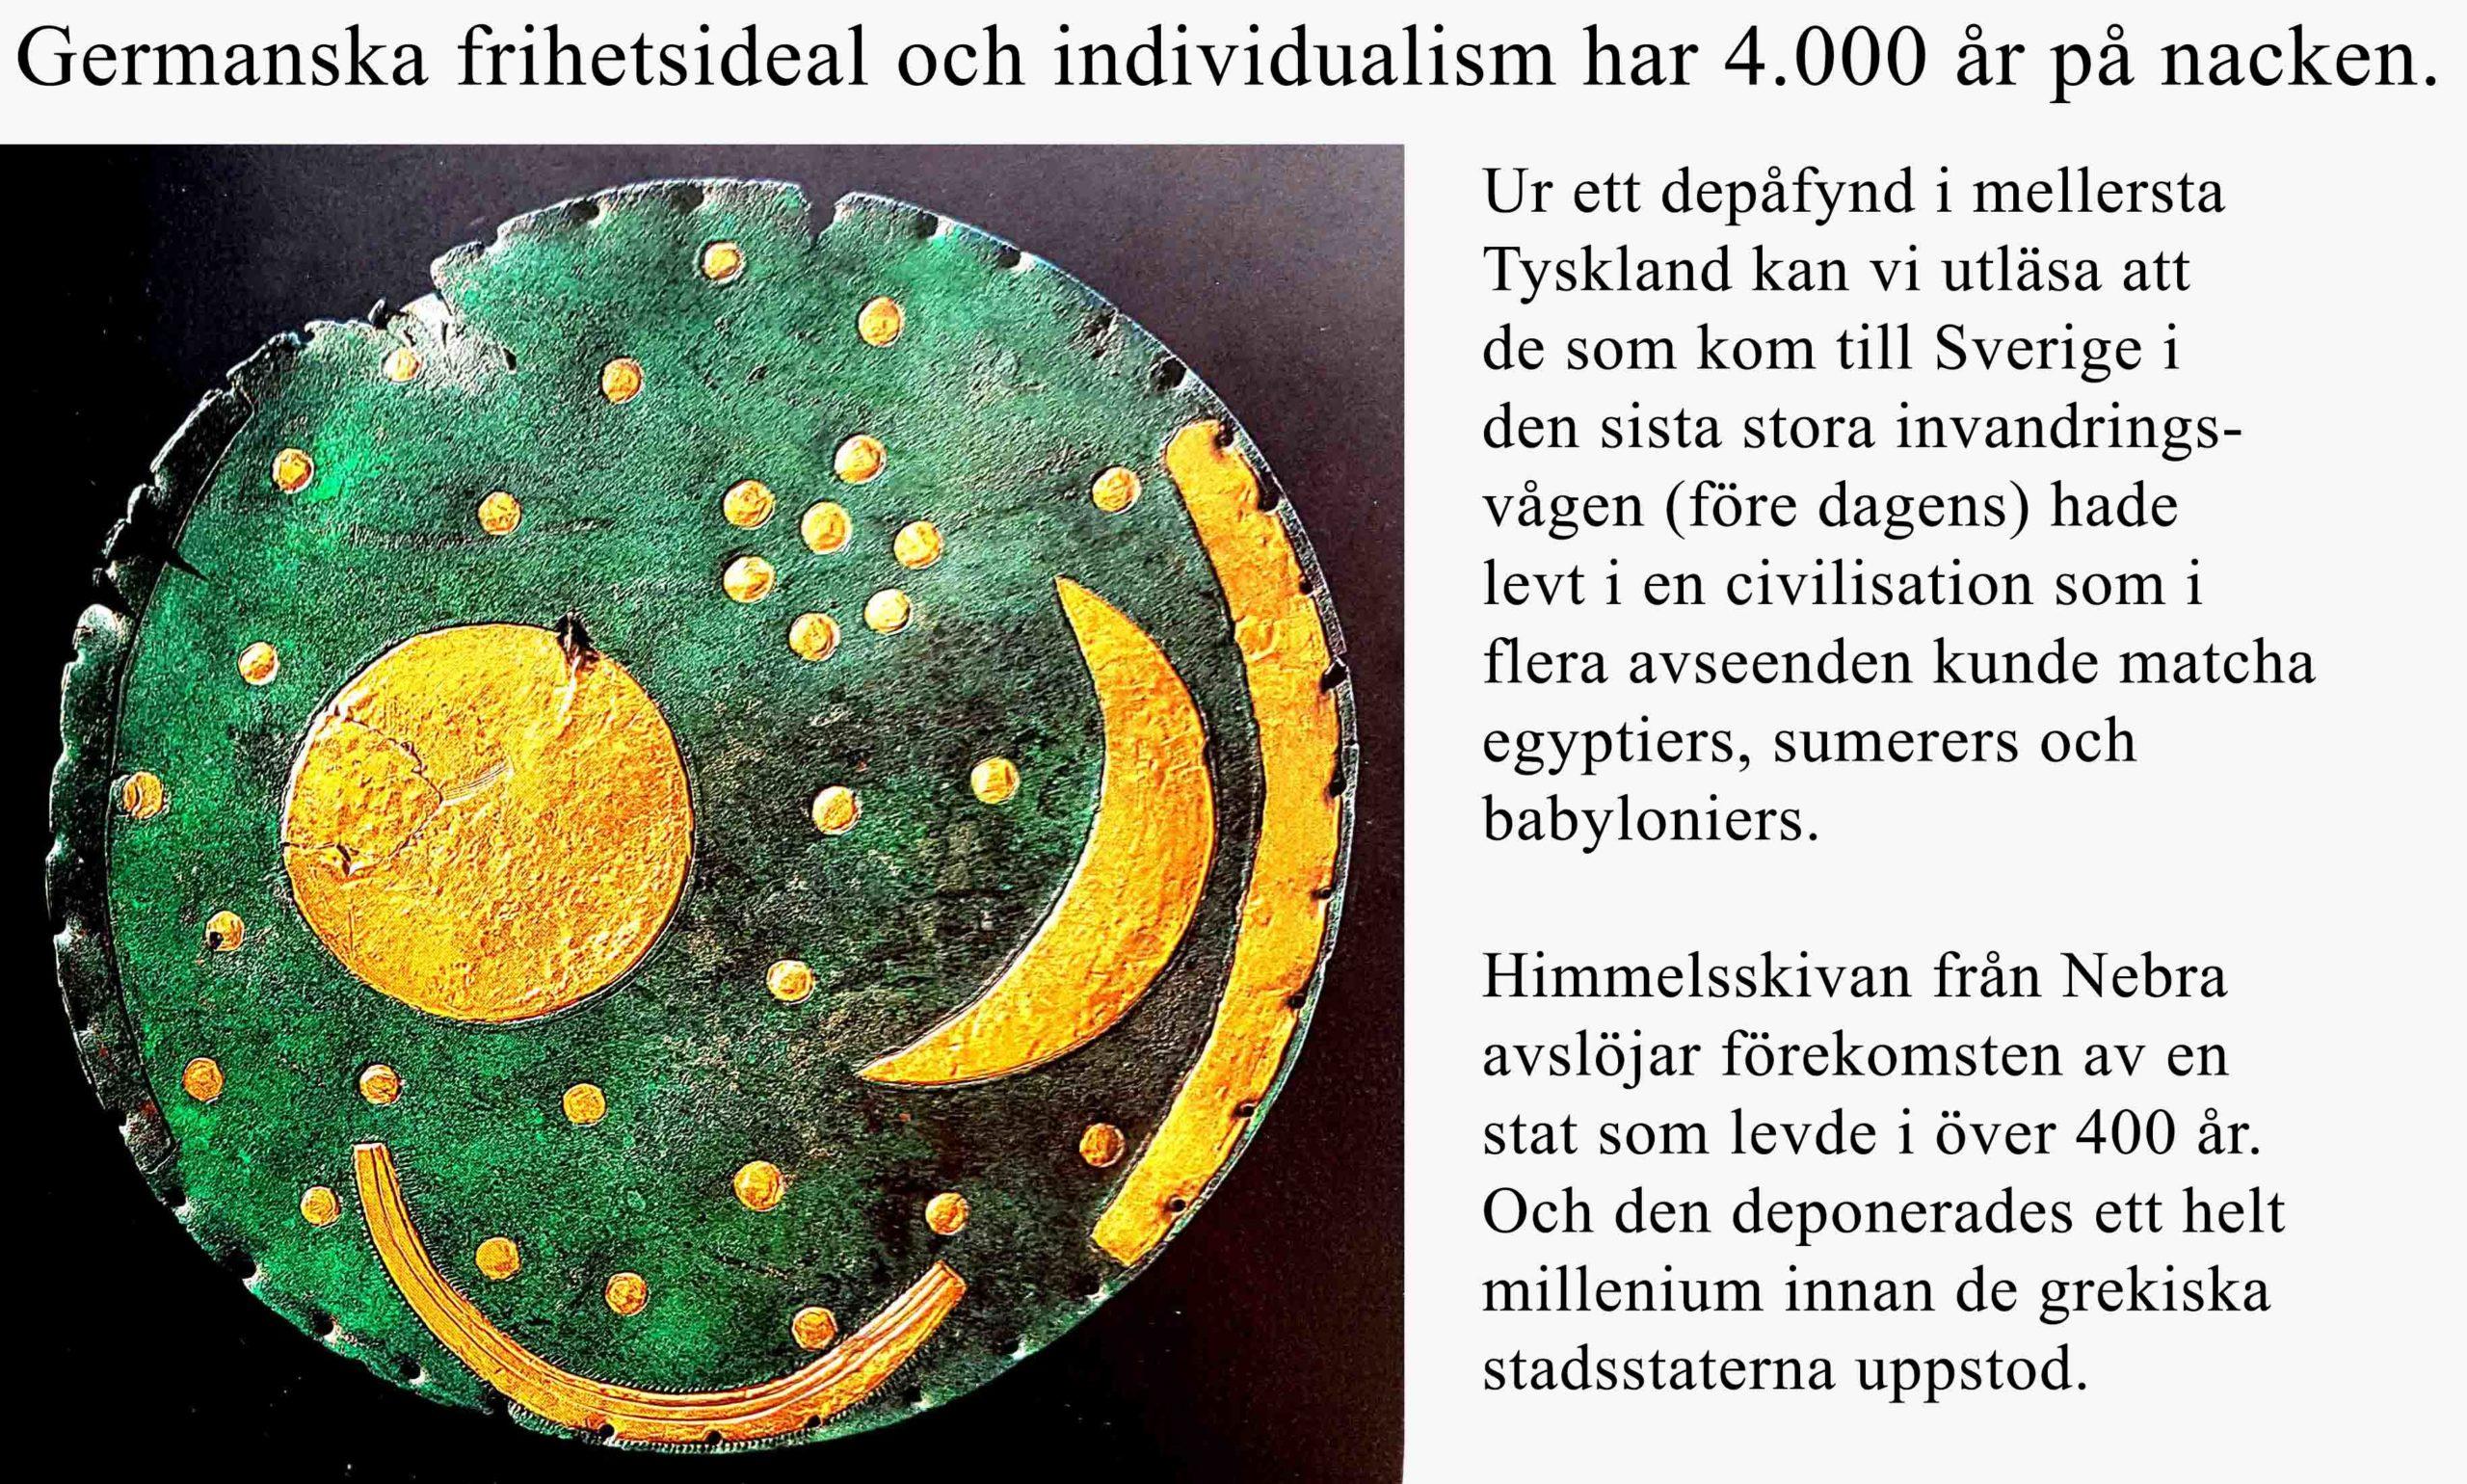 En 4.000 år gammal förgermansk högkultur. Icke politiskt korrekt, okänd och med ett namn ingen kommer ihåg.